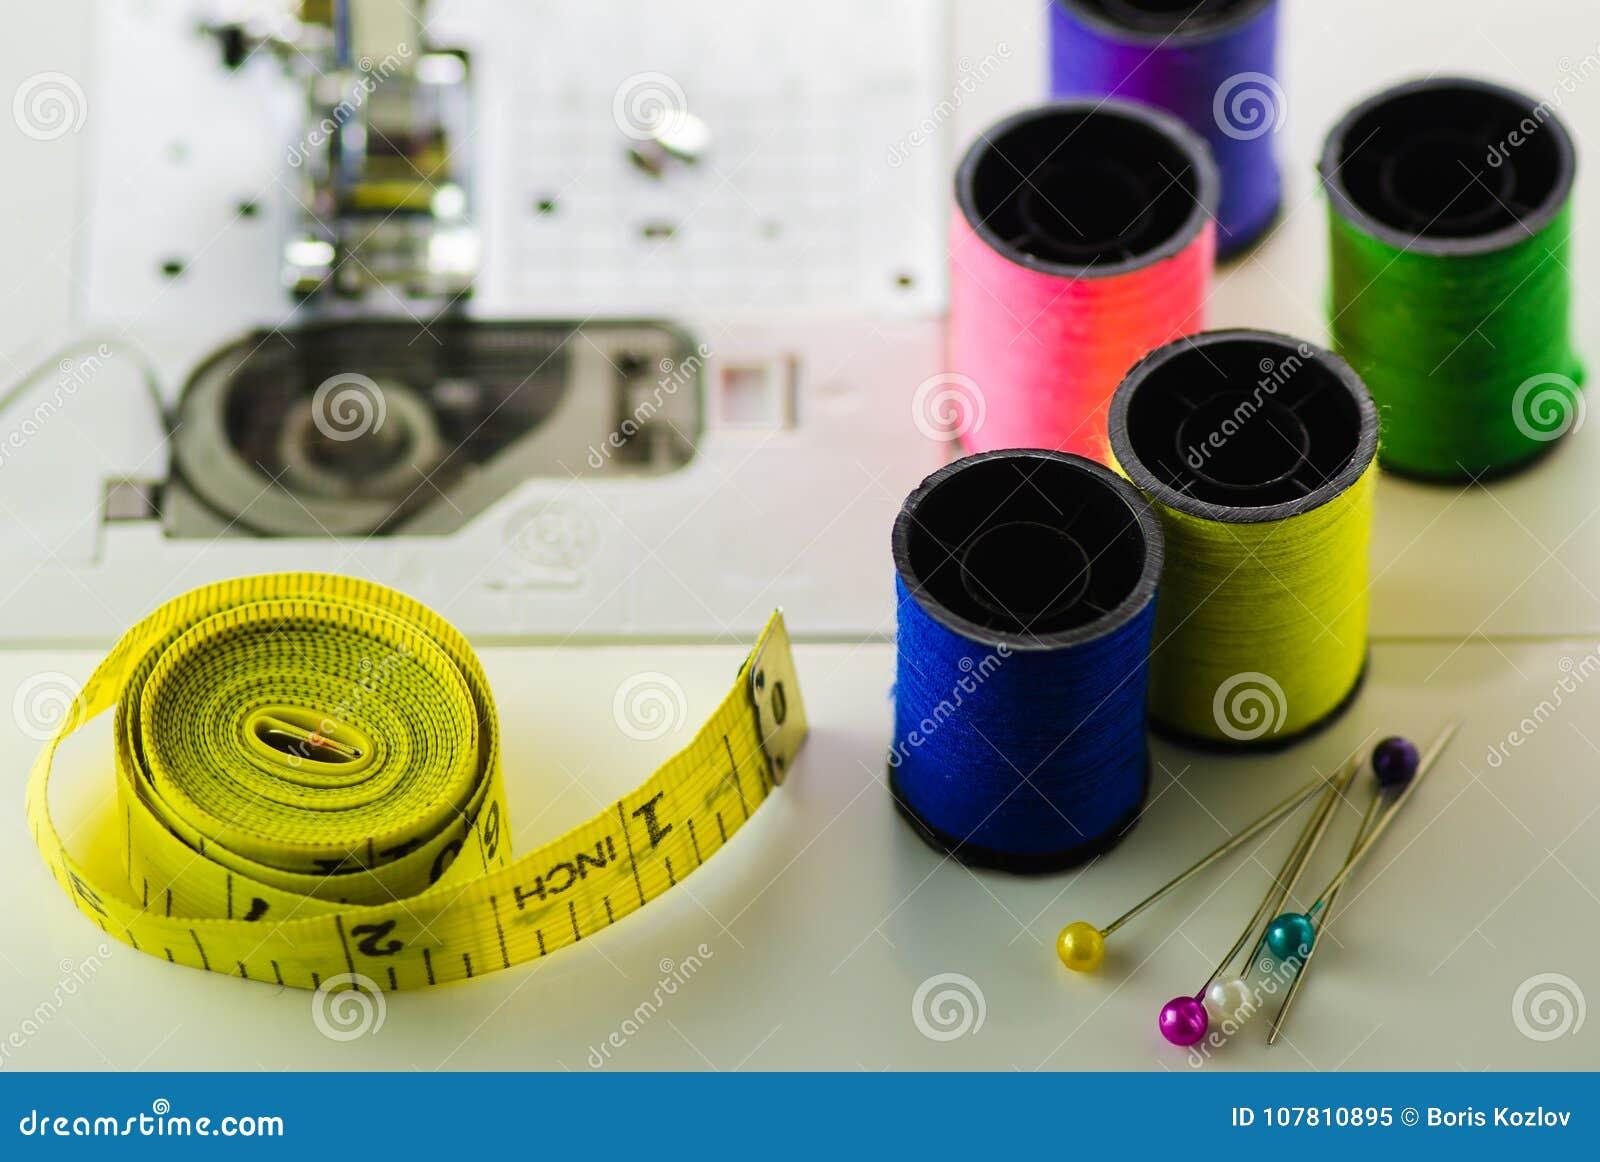 Στροφία της χρωματισμένης ταινίας νημάτων, βελόνα για την κινηματογράφηση σε πρώτο πλάνο ράβοντας μηχανών